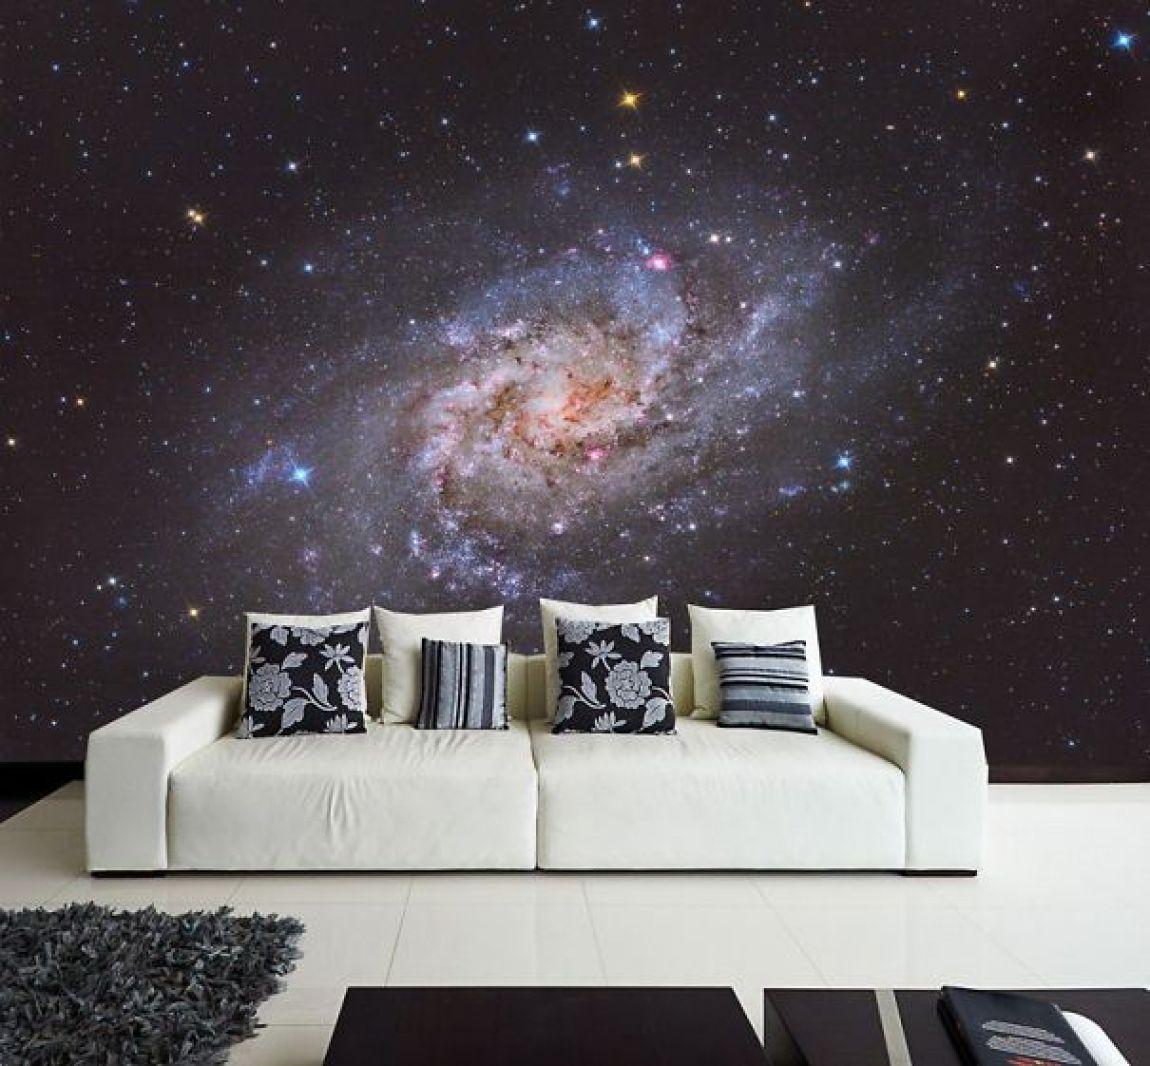 ý tưởng thiết kế nội thất với chủ đề vũ trụ